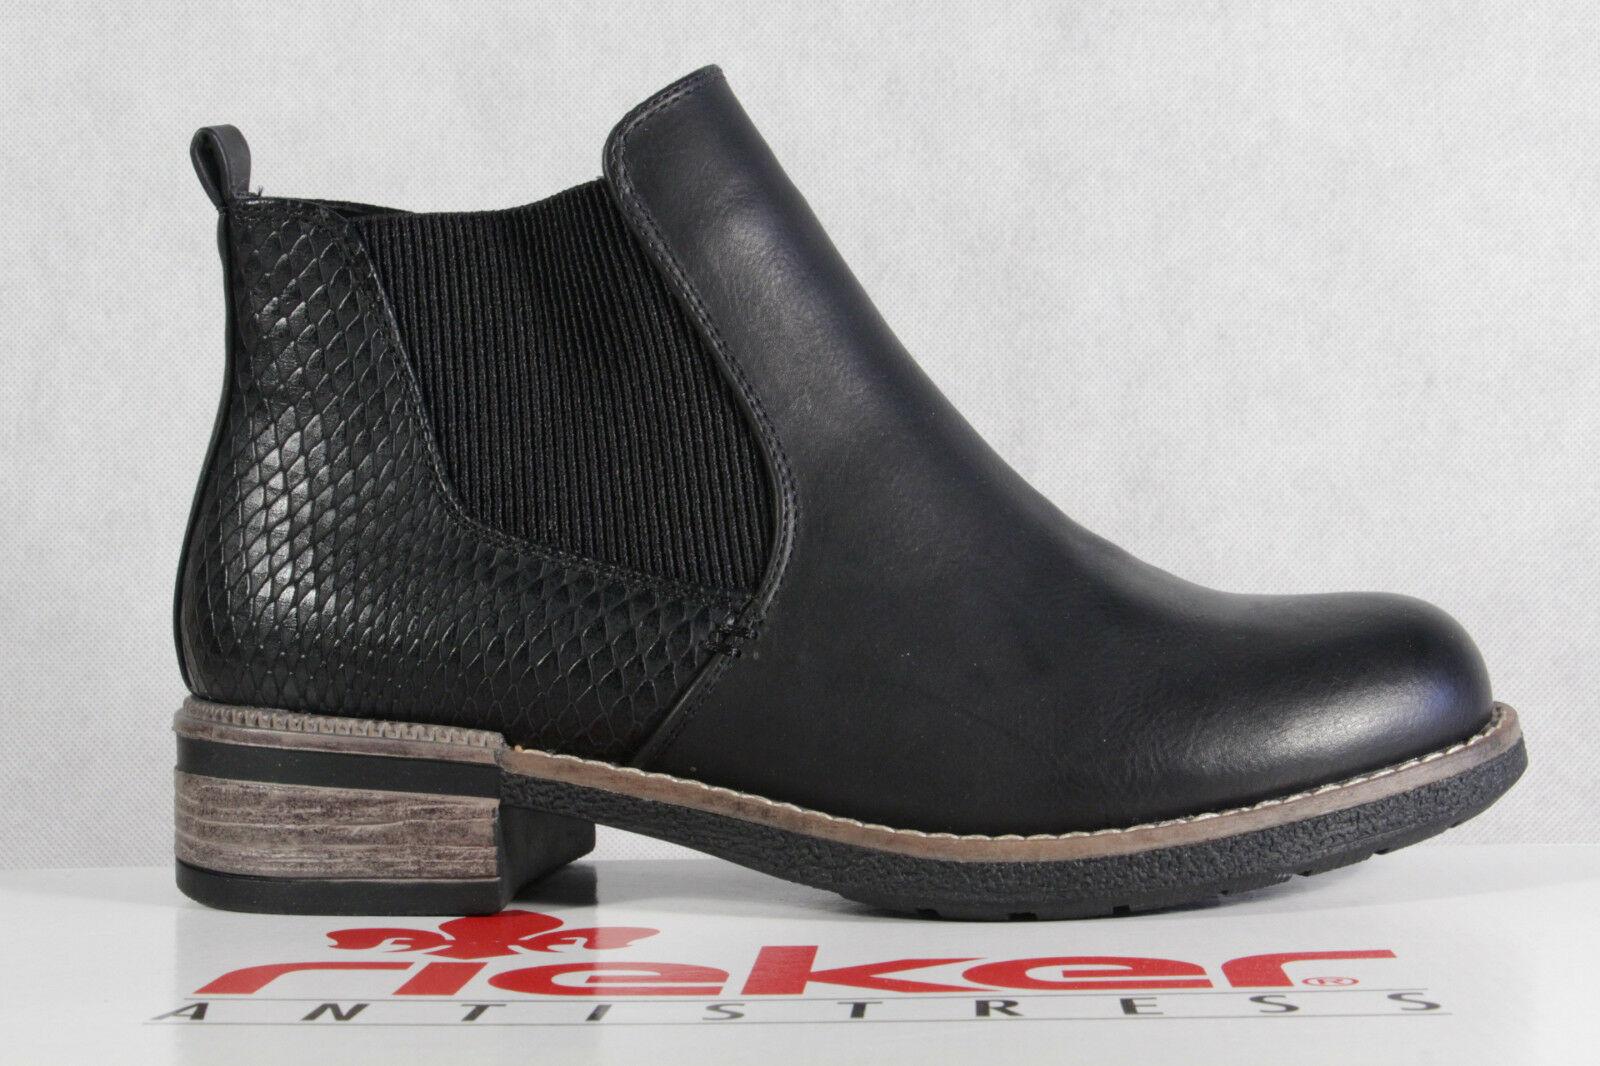 Rieker Damen Stiefel Stiefelette Boots rot Reißverschluß Y8070 NEU!